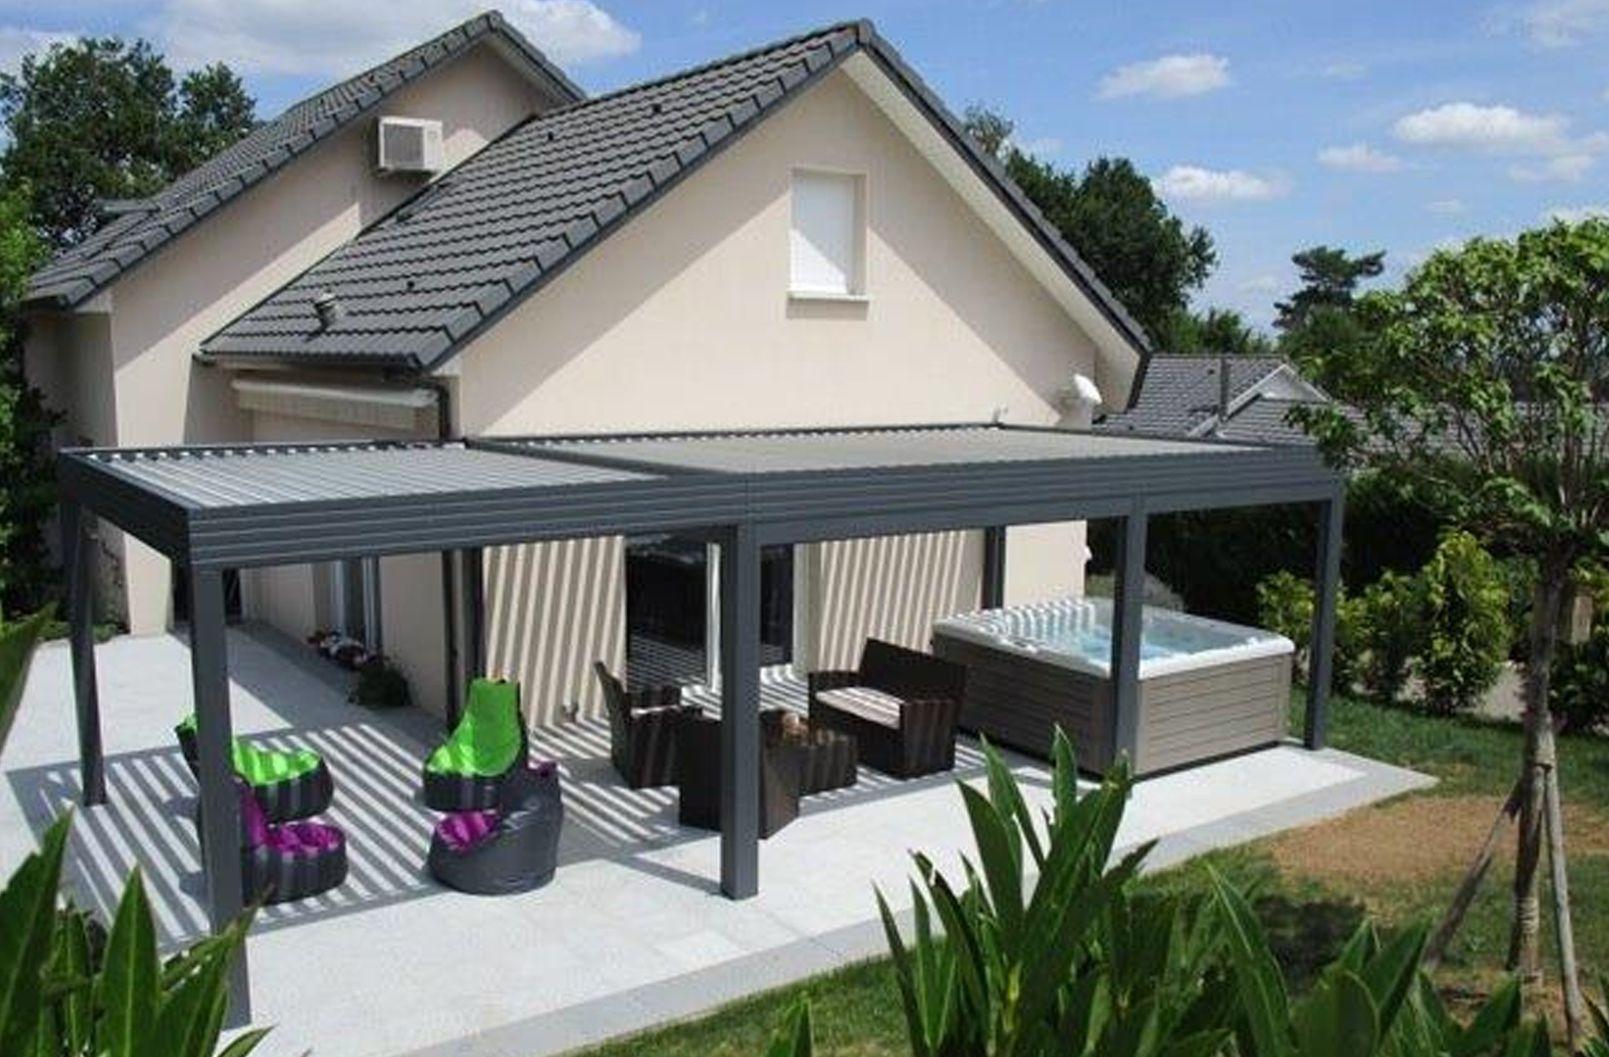 Pergola bioclimatique lames orientables maison for Terrasse exterieur deco